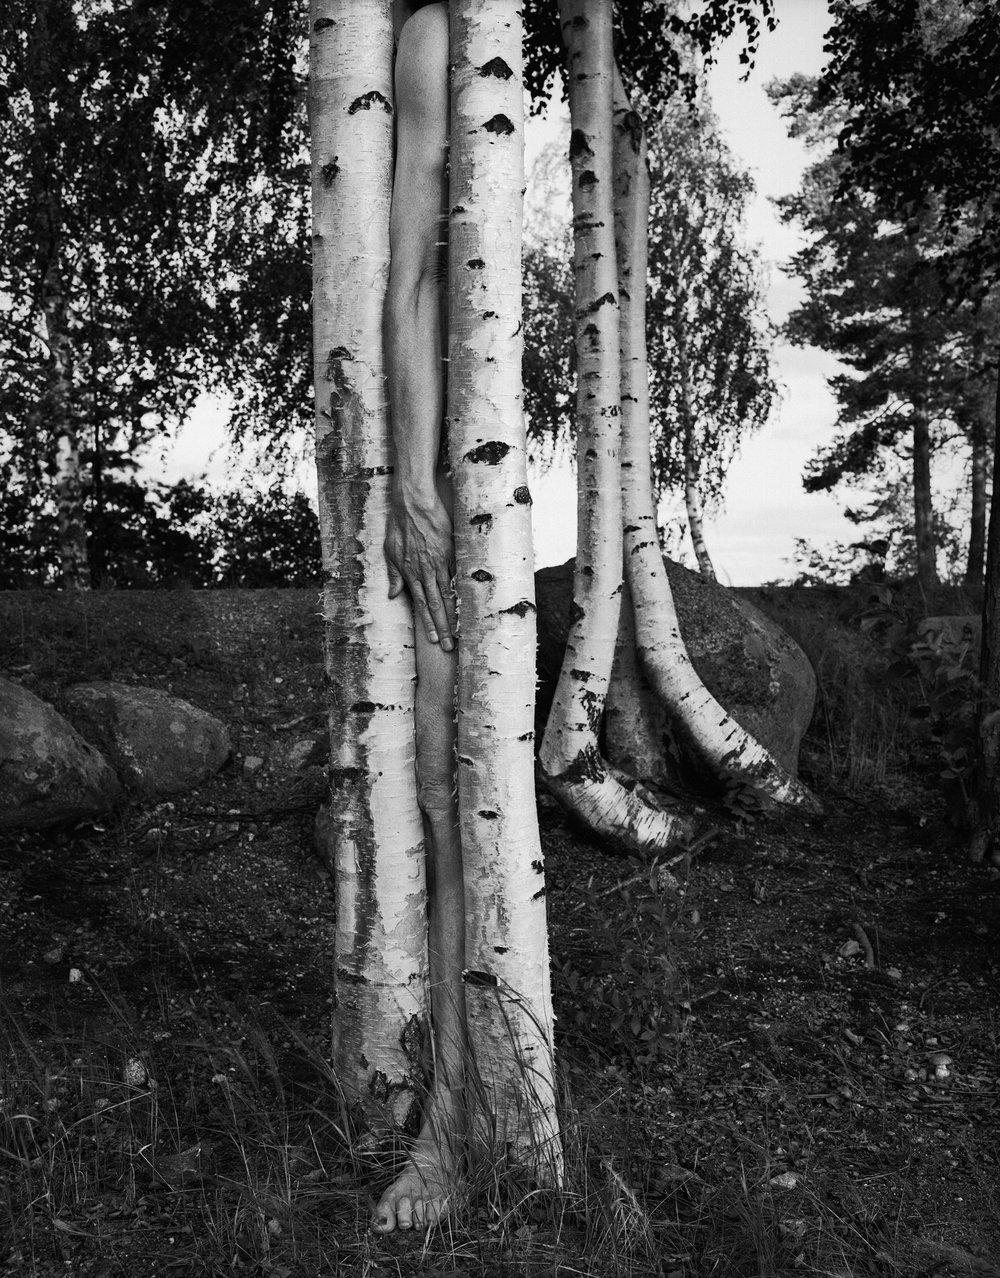 Arno Rafael Minkkinen - Väisäänsaari, Finland - 1988